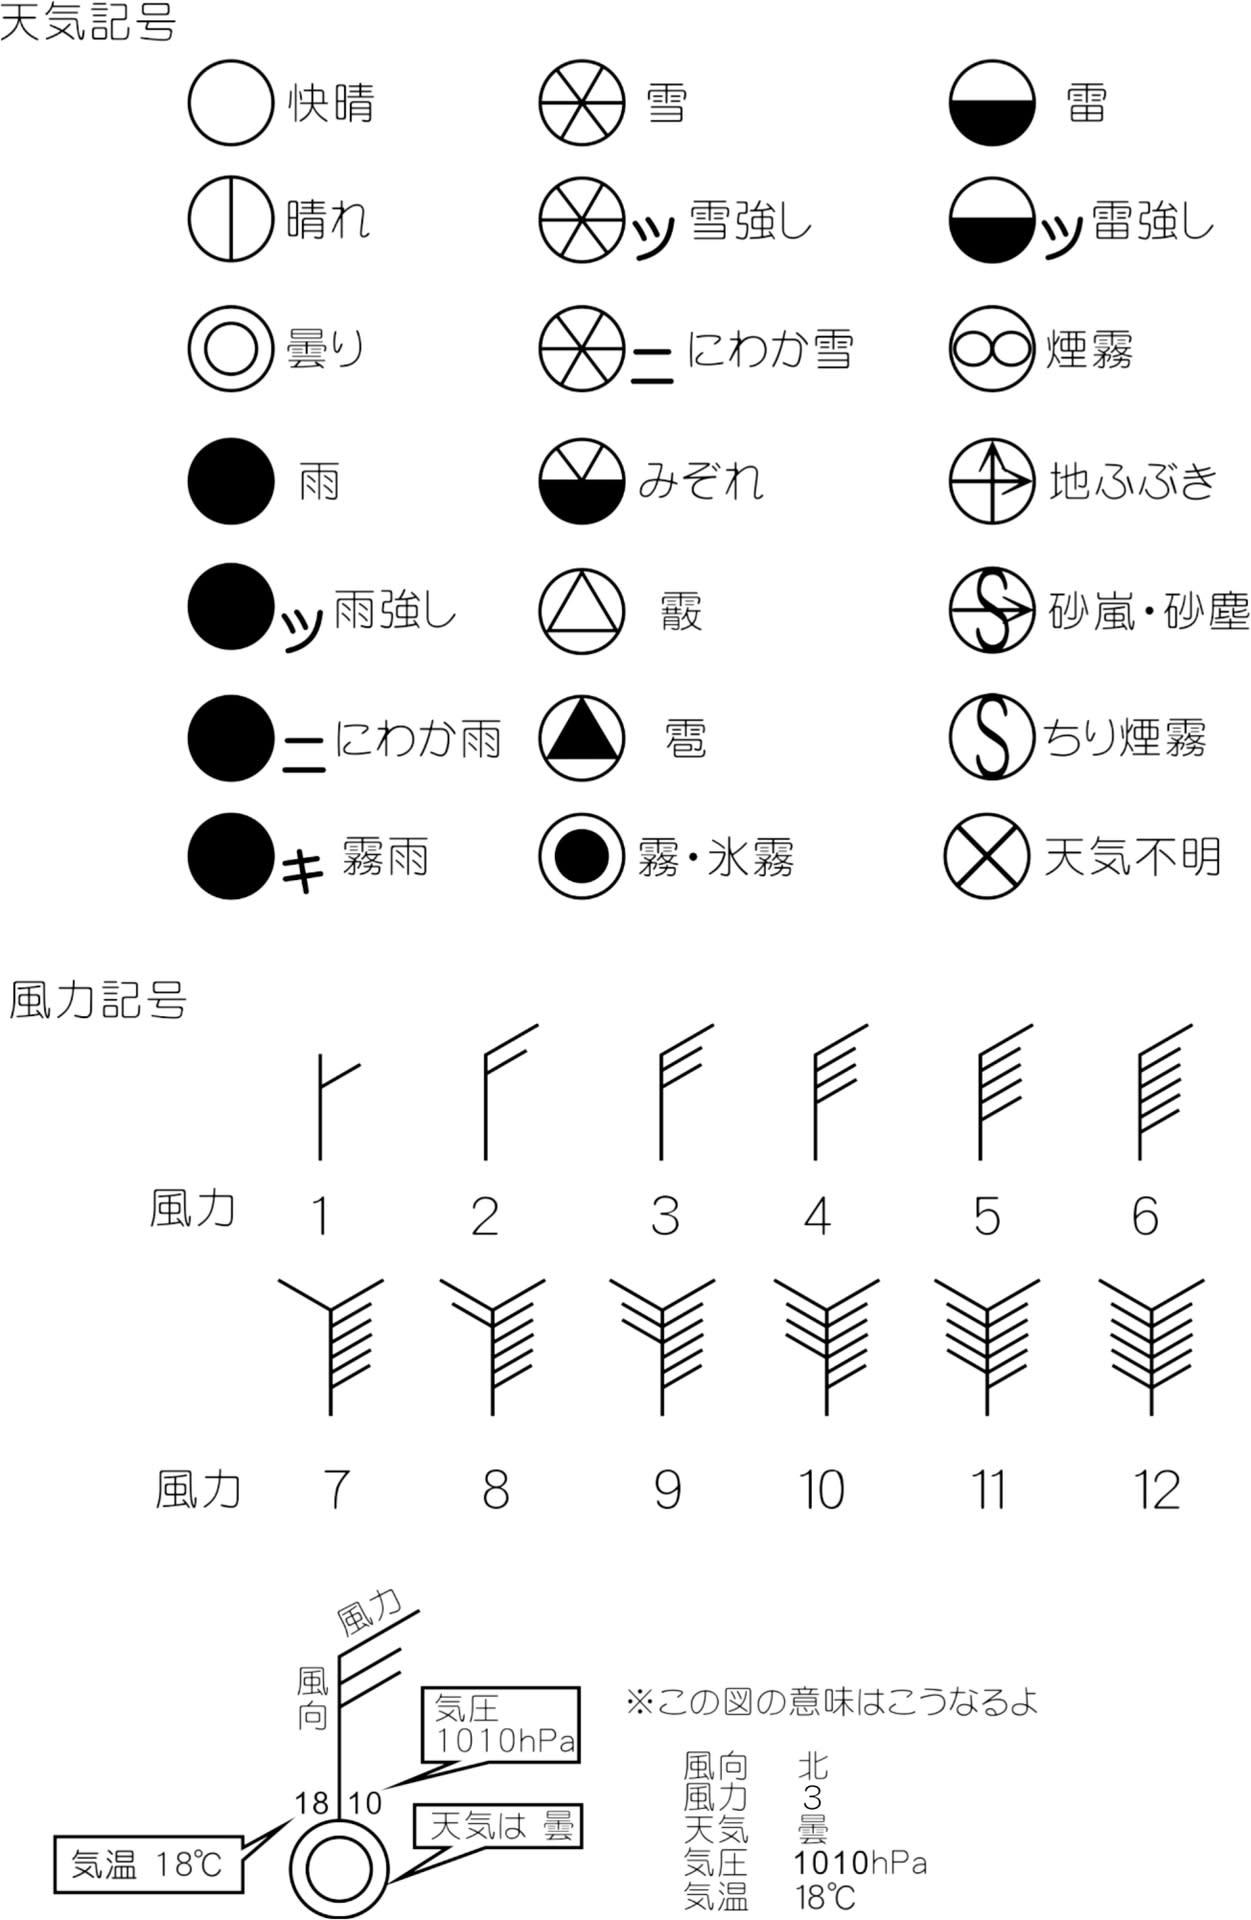 ラジオなどから天気図を作ってみよう(アイフォンやPCなどのWEB使わずね) そんなわけで、天気図に必要なの記号を知っておこう